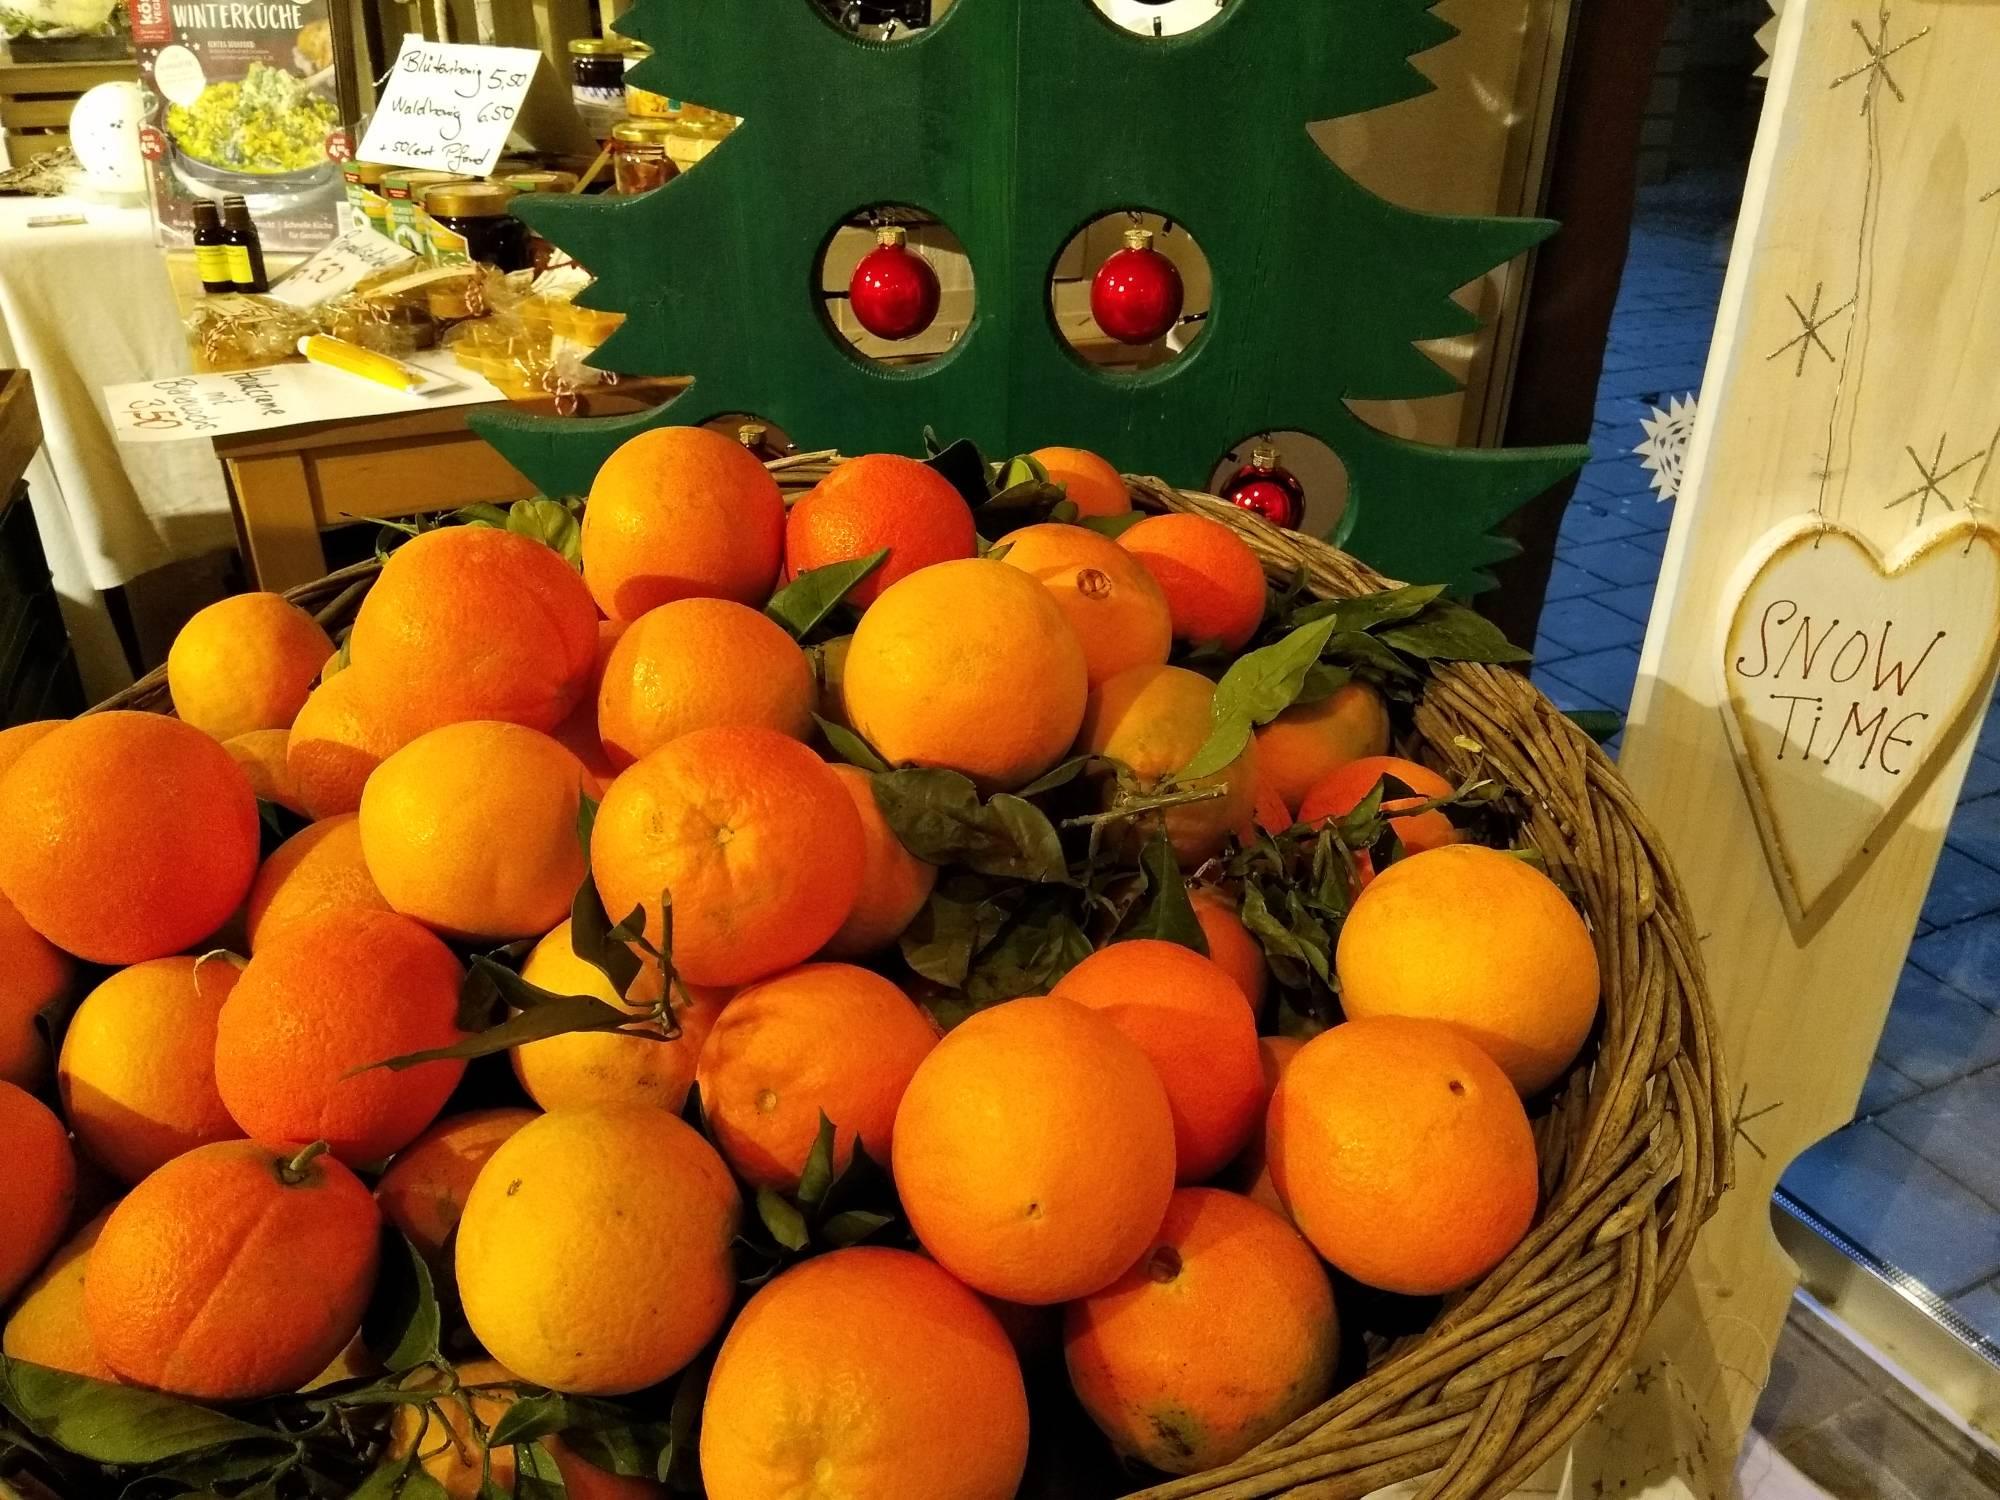 Obstscheune-Streicher_Orangen-direkt-aus-Sizilien_Aach-Linz.jpg